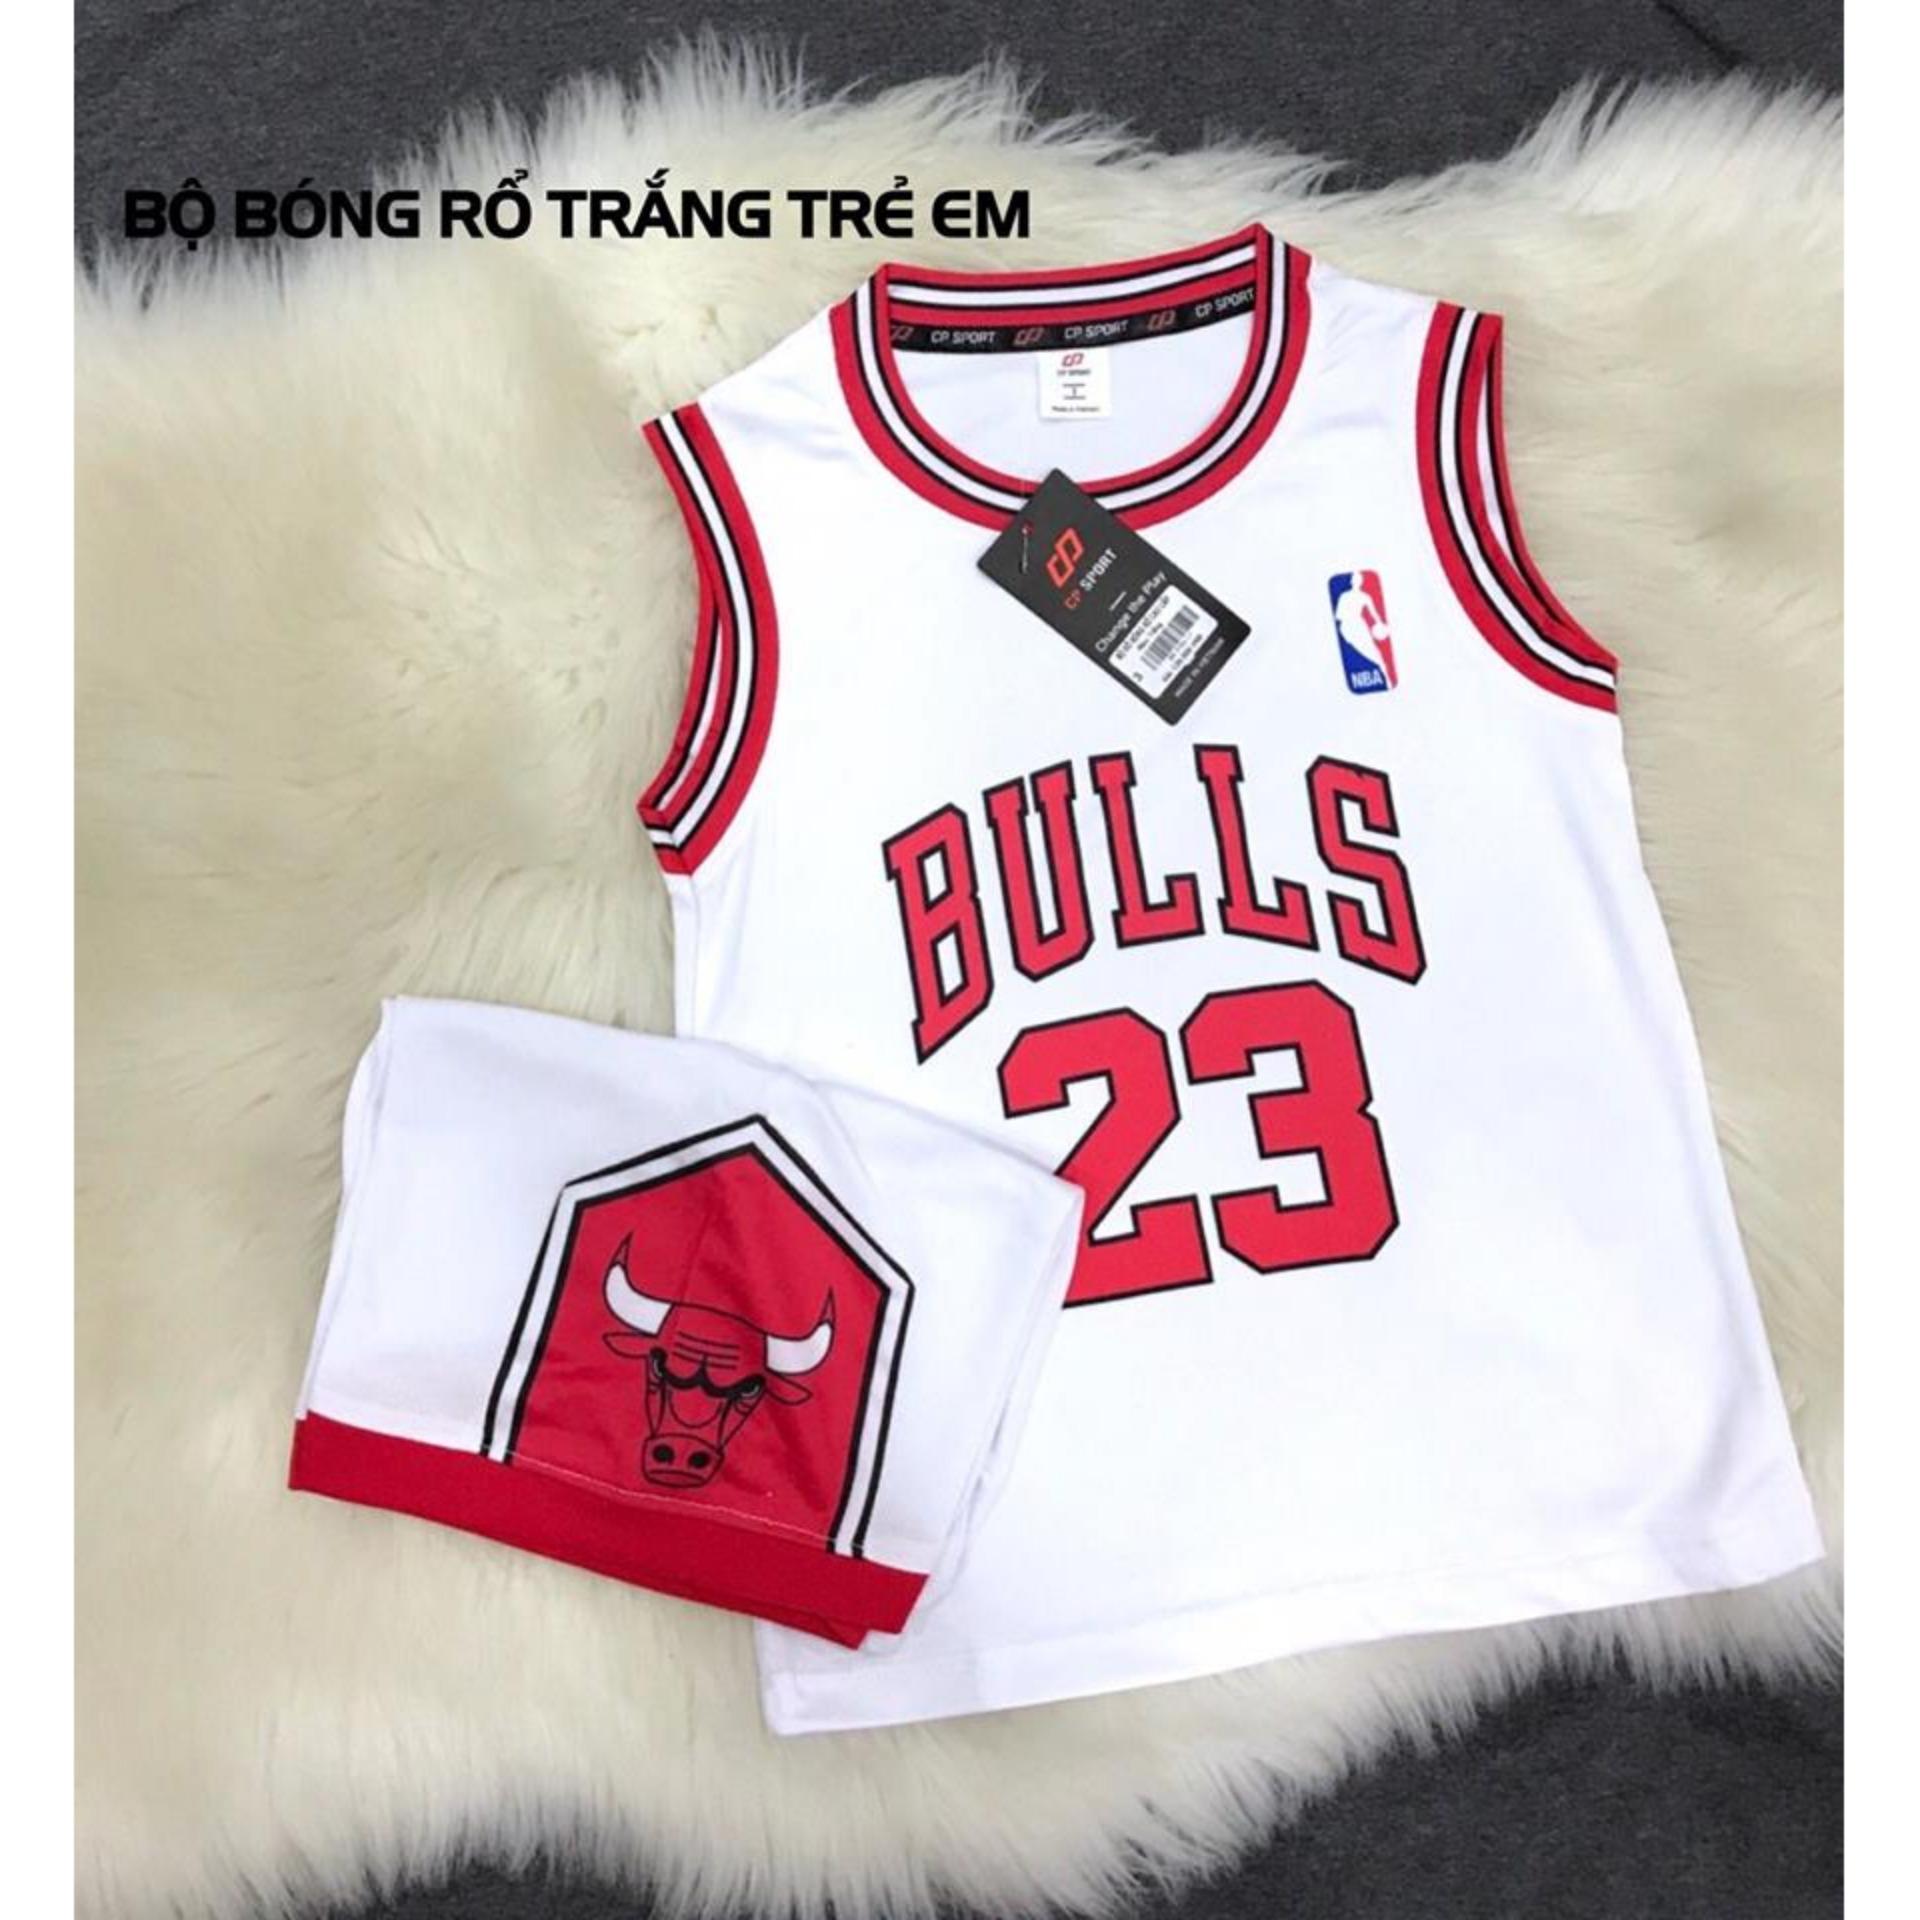 Hình ảnh Áo bóng rổ trẻ em Bulls 23 màu trắng